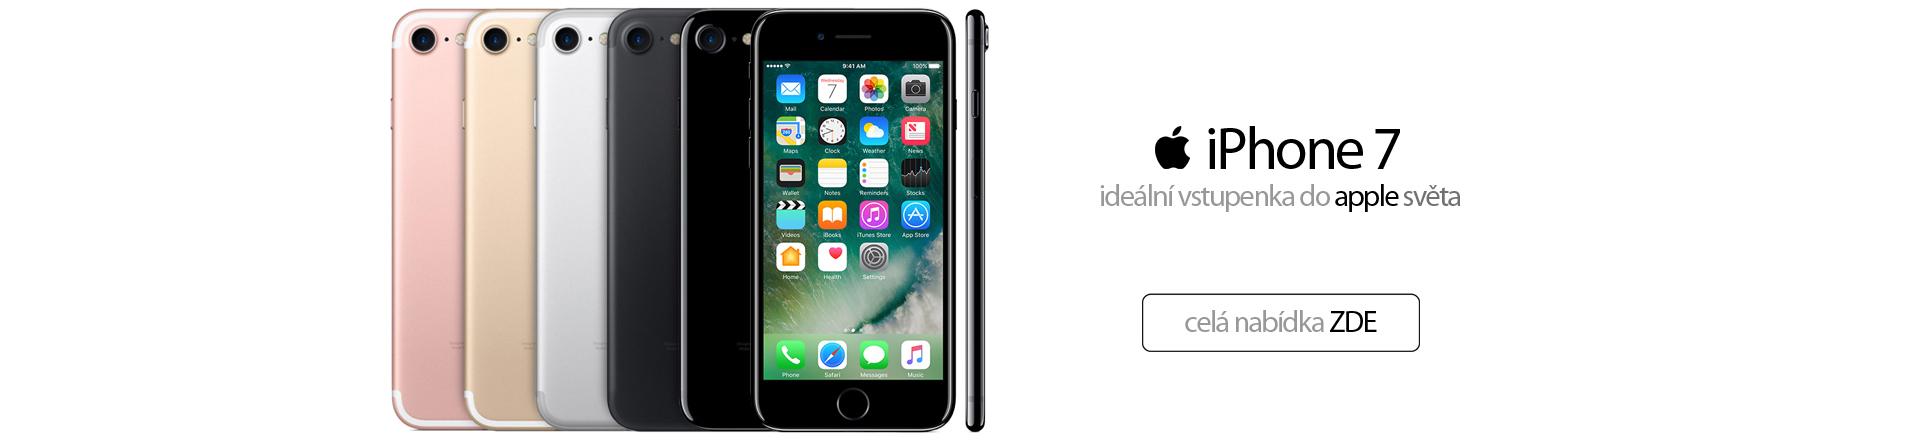 iPhone7, Vaše vstupenka do apple světa